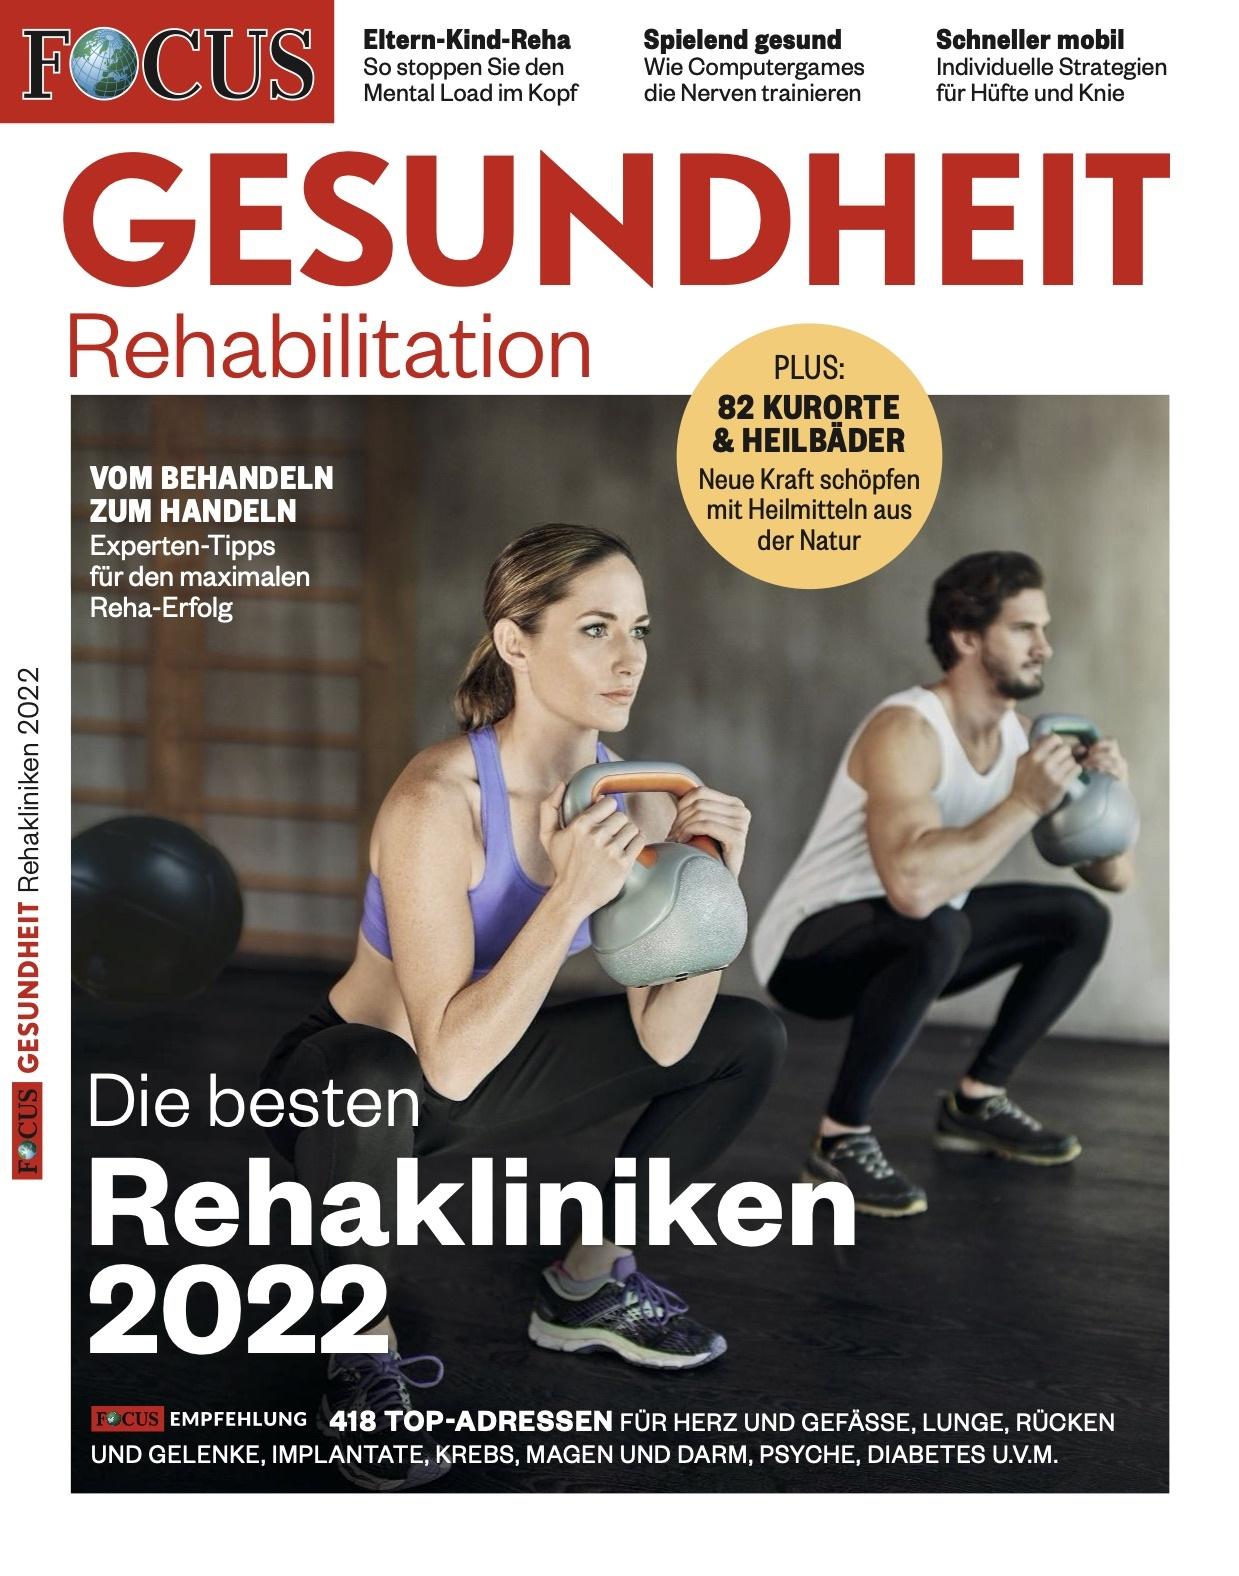 FOCUS-GESUNDHEIT  FOCUS Gesundheit - Die besten Reha-Kliniken 2022